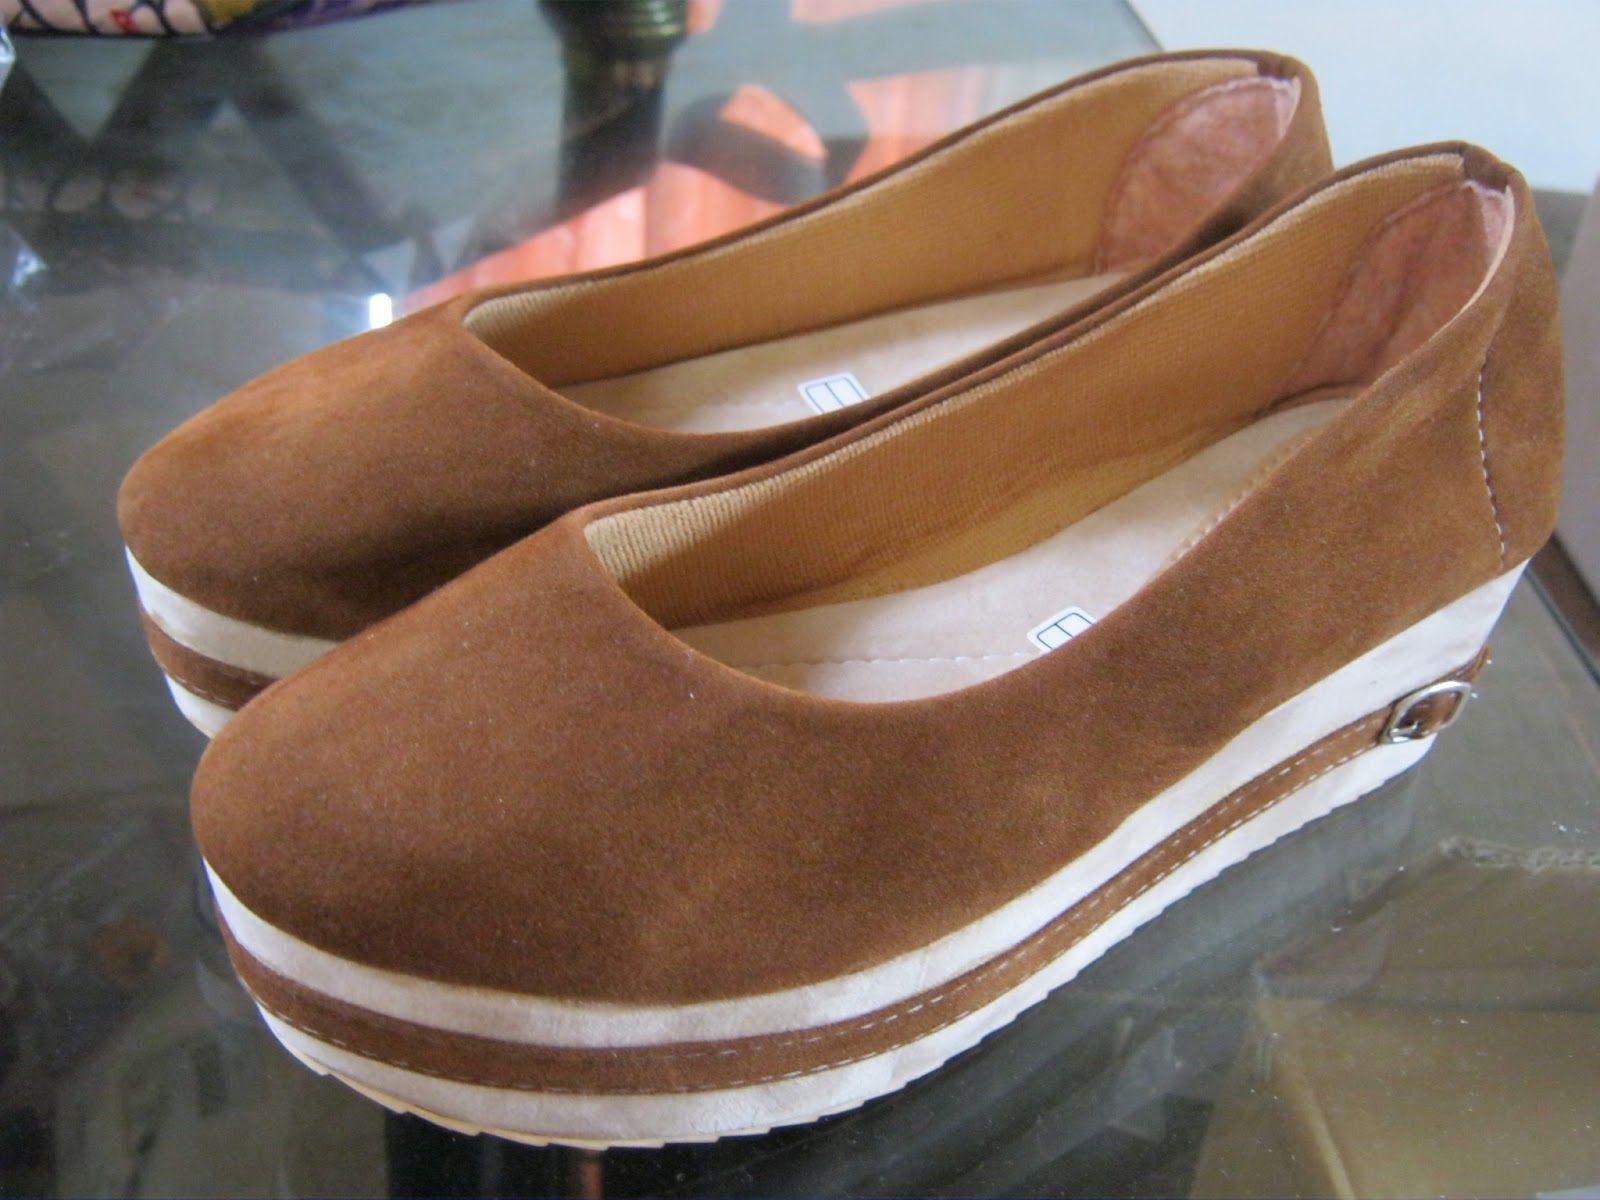 Sepatu Datar Suede Kupu Kupu Sepatu Wanita Dengan Model Terbaru